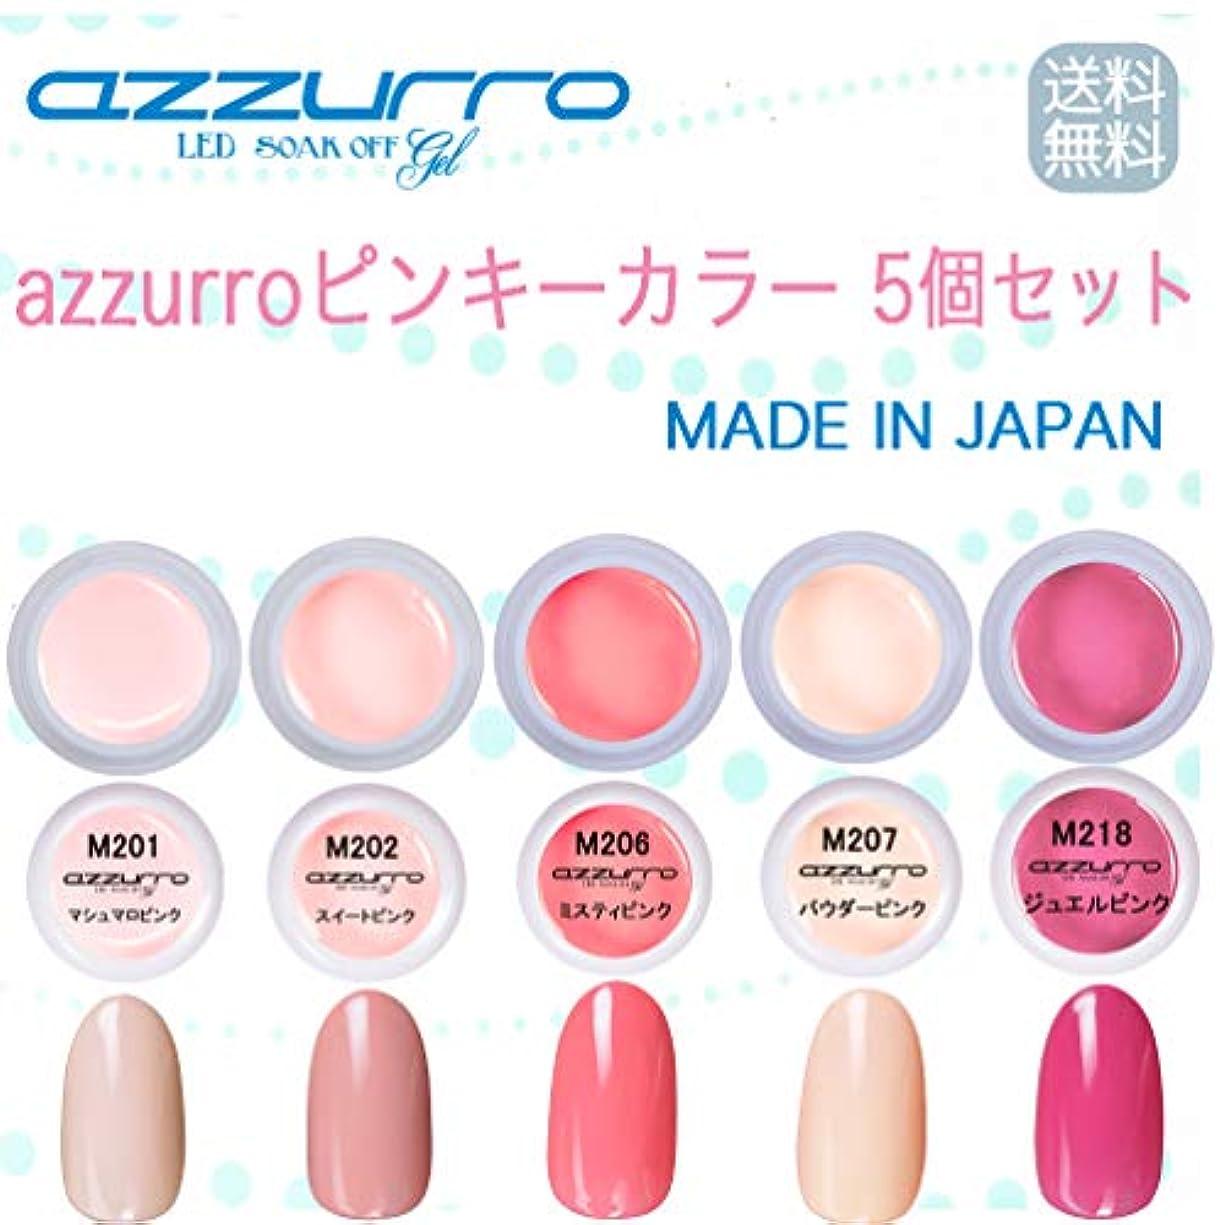 冷酷な支払う若い【送料無料】日本製 azzurro gel ピンキーカラー ジェル5個セット ネイルのマストアイテムピンキーカラー